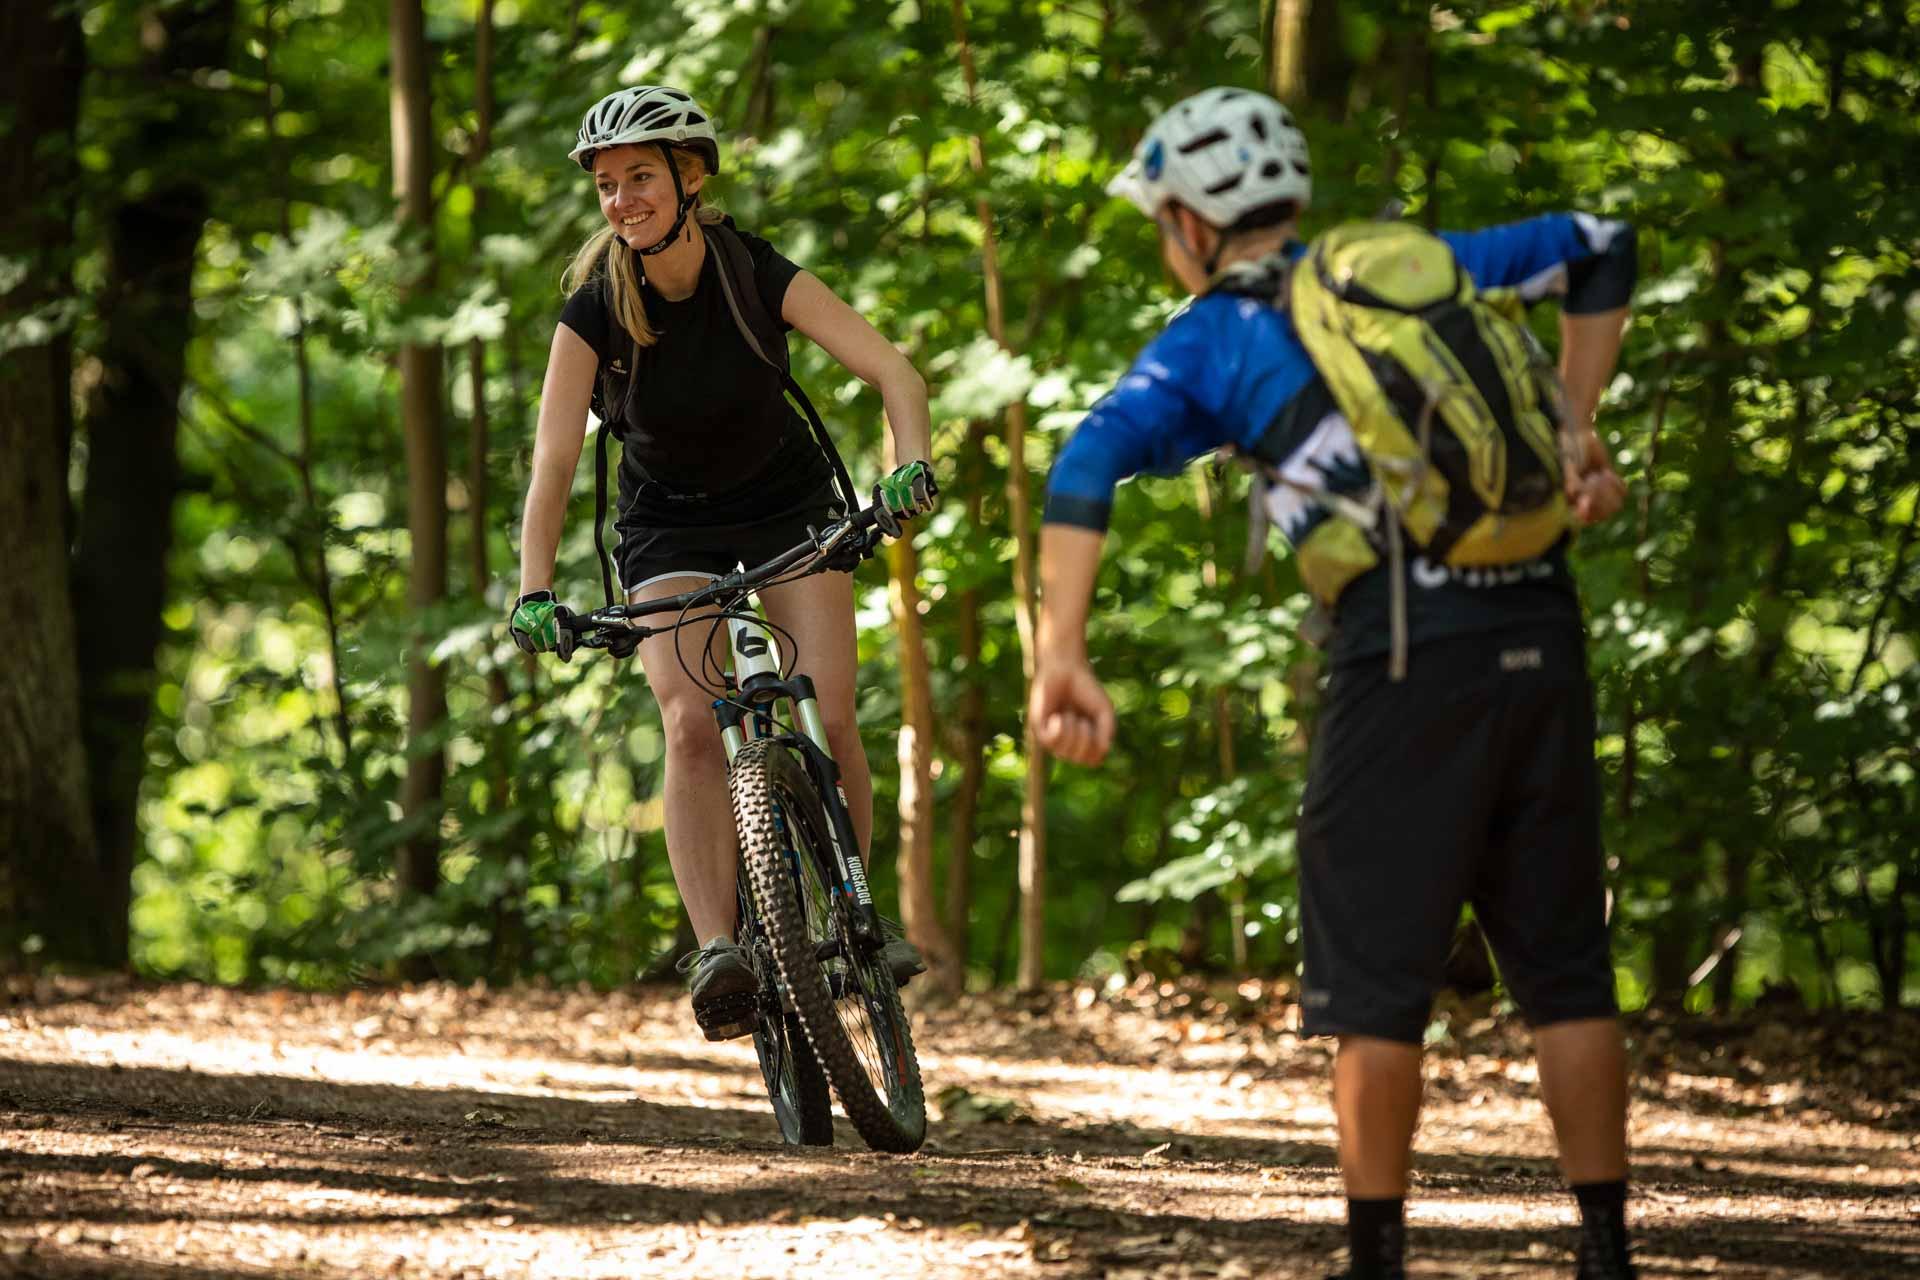 MTB Fahrtechnik Kurs für Einsteiger in Winterberg - Mountainbike Basic - Rock my Trail Bikeschule Sauerland Basic Trailpark